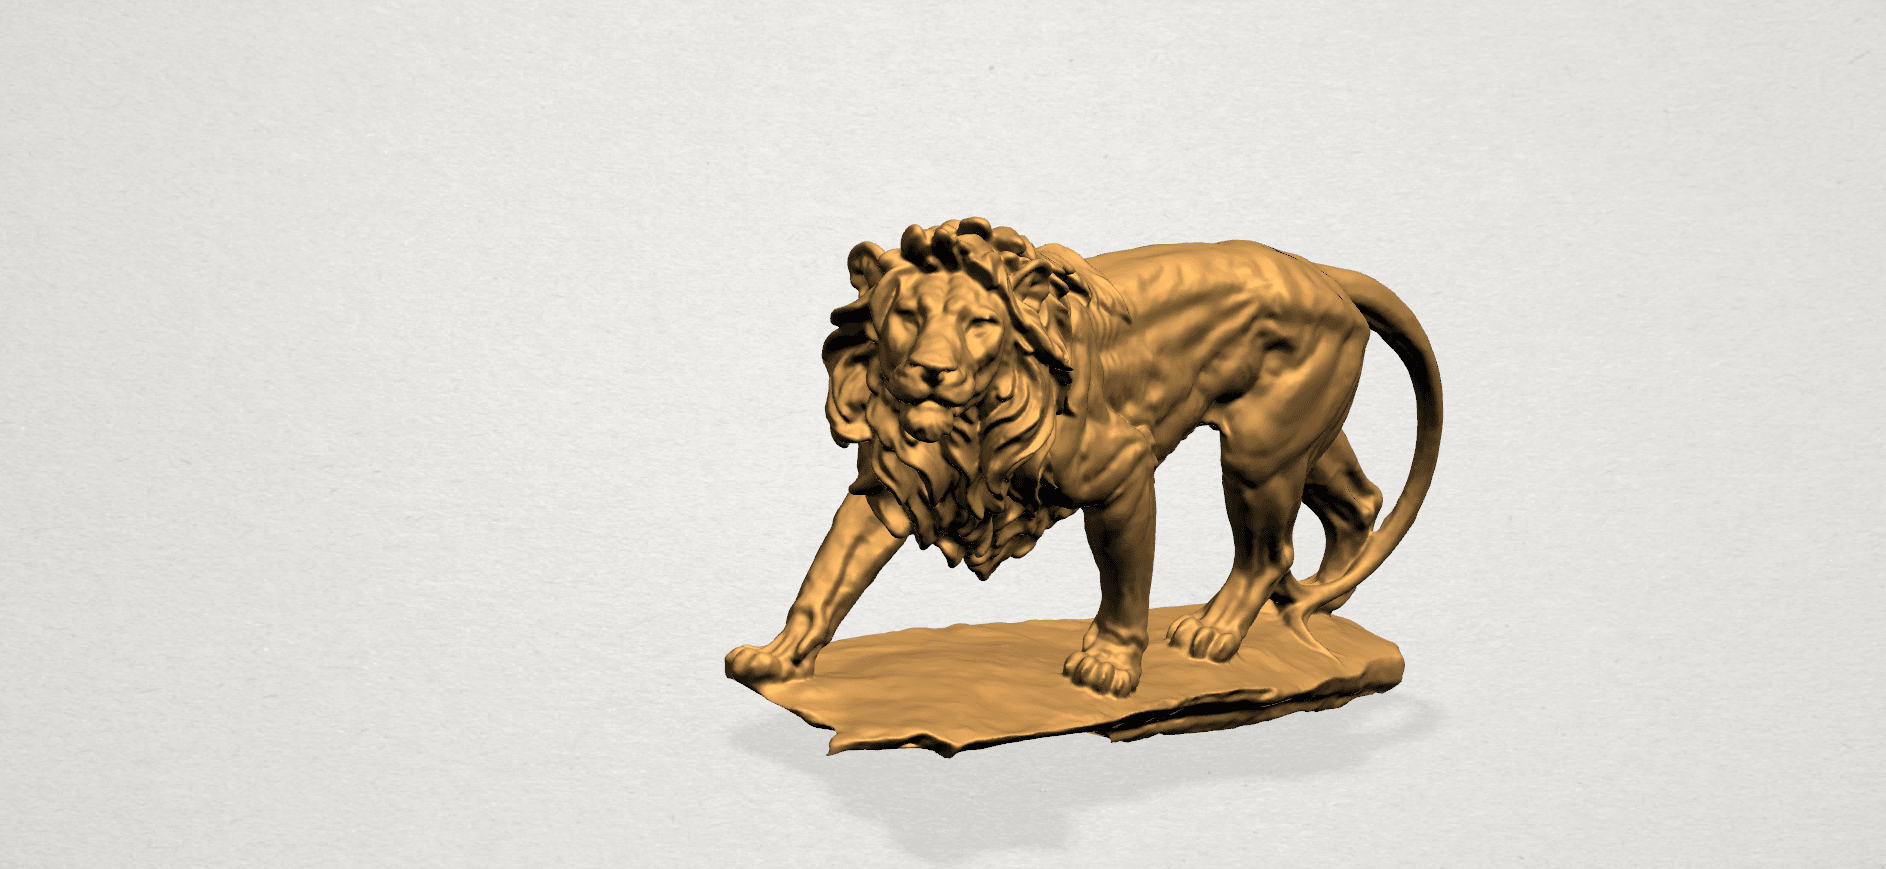 Lion (ii) -50mm-A02.png Télécharger fichier STL gratuit Lion 02 • Design pour impression 3D, GeorgesNikkei